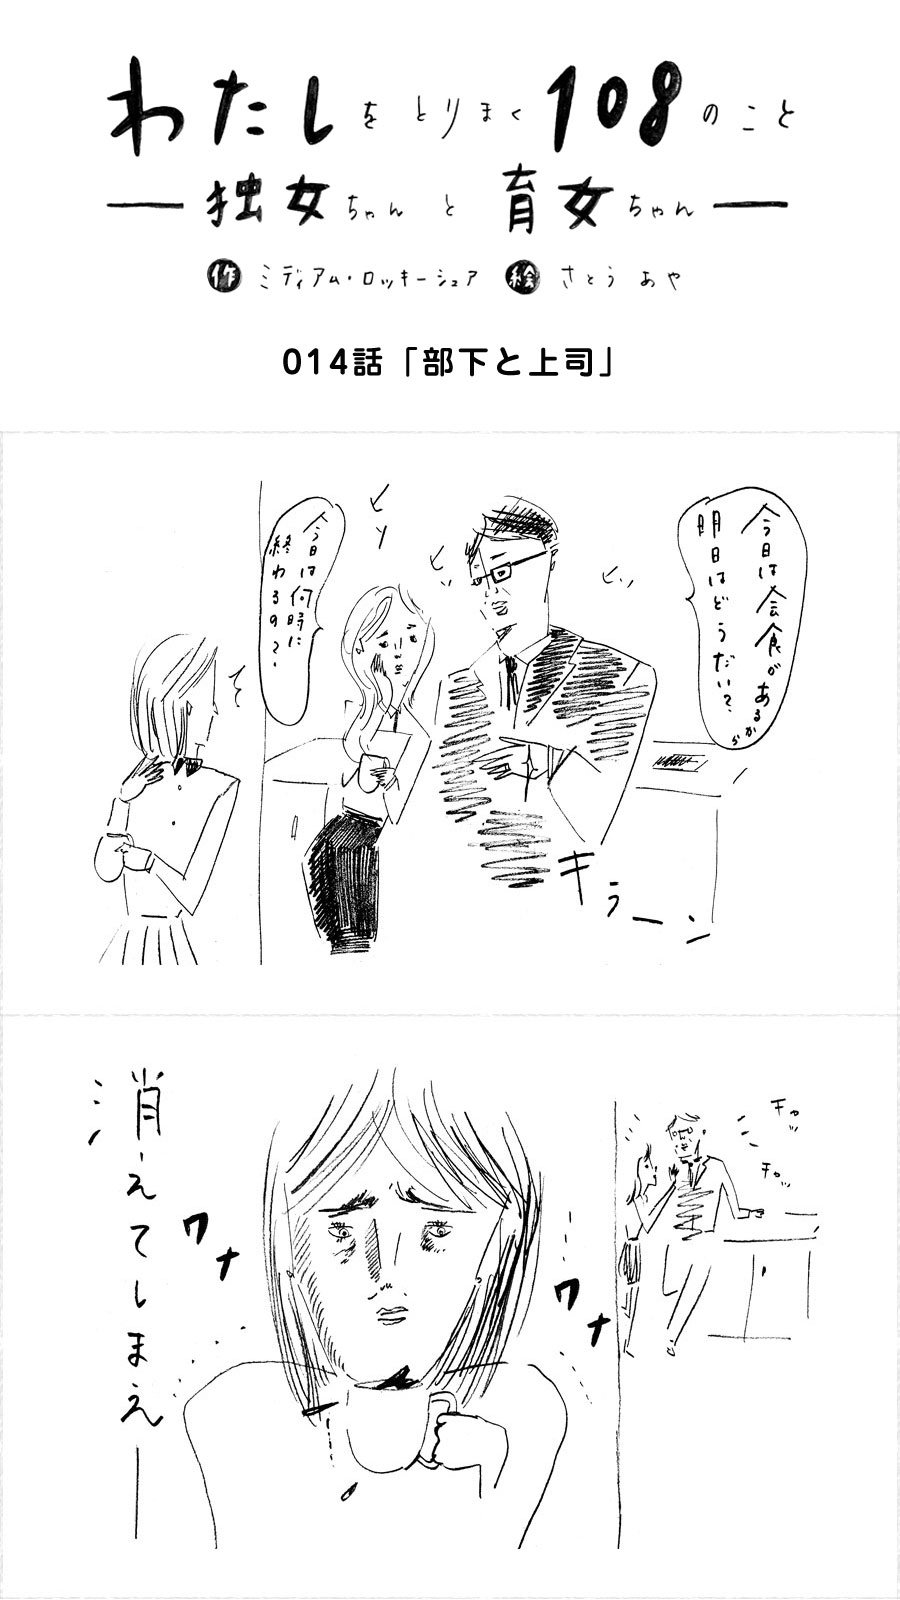 014_独女ちゃん_部下と上司_001